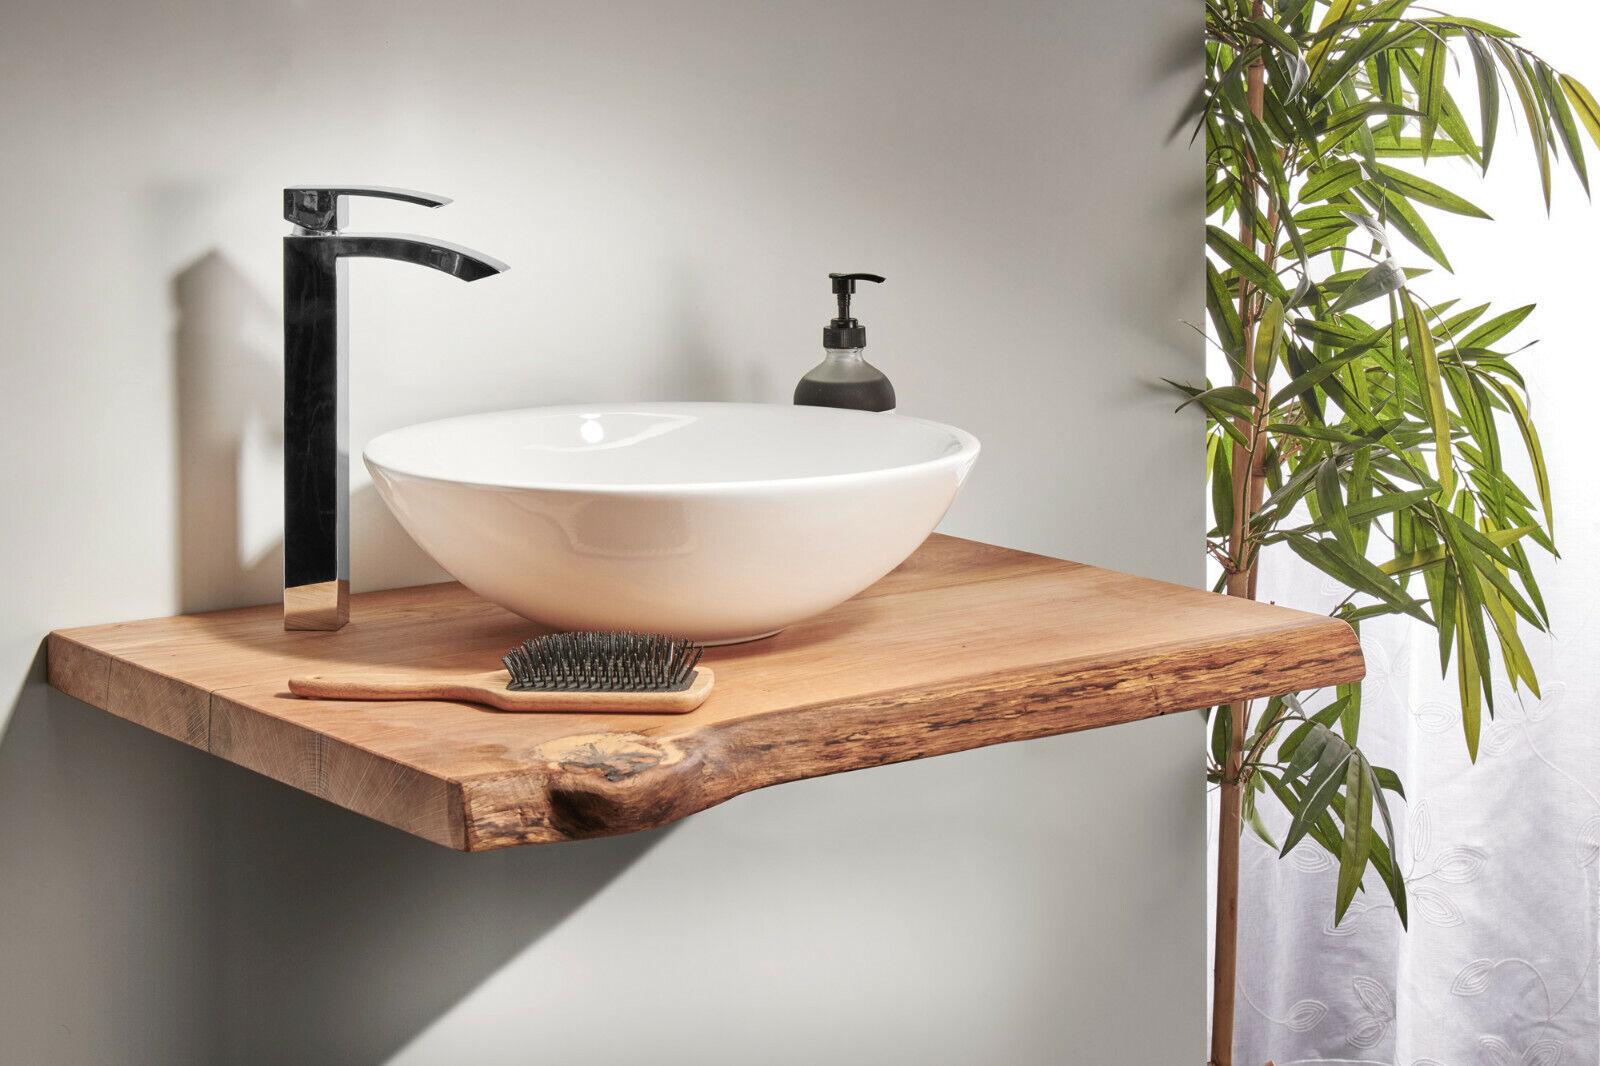 Waschtischplatte Waschtischkonsole Eiche Massiv Holz Aufsatzbecken Regal dunkel